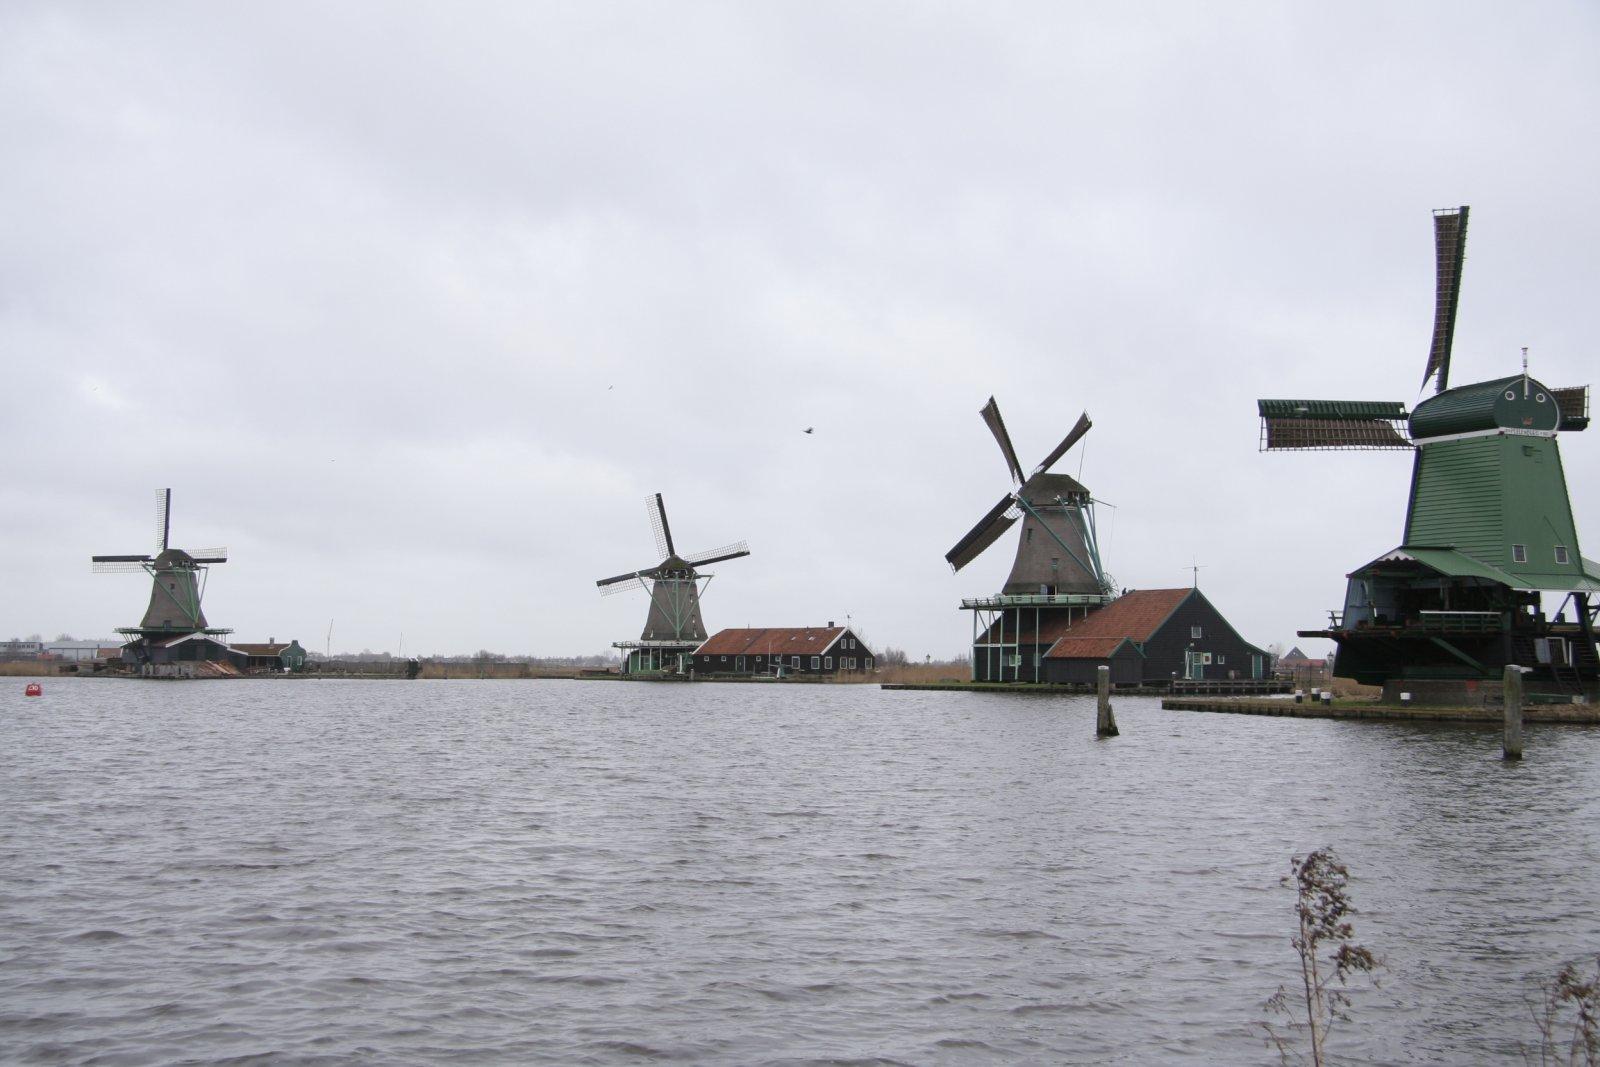 Традиционная Голландия: деревушки Зансе-Сханс — Волендам